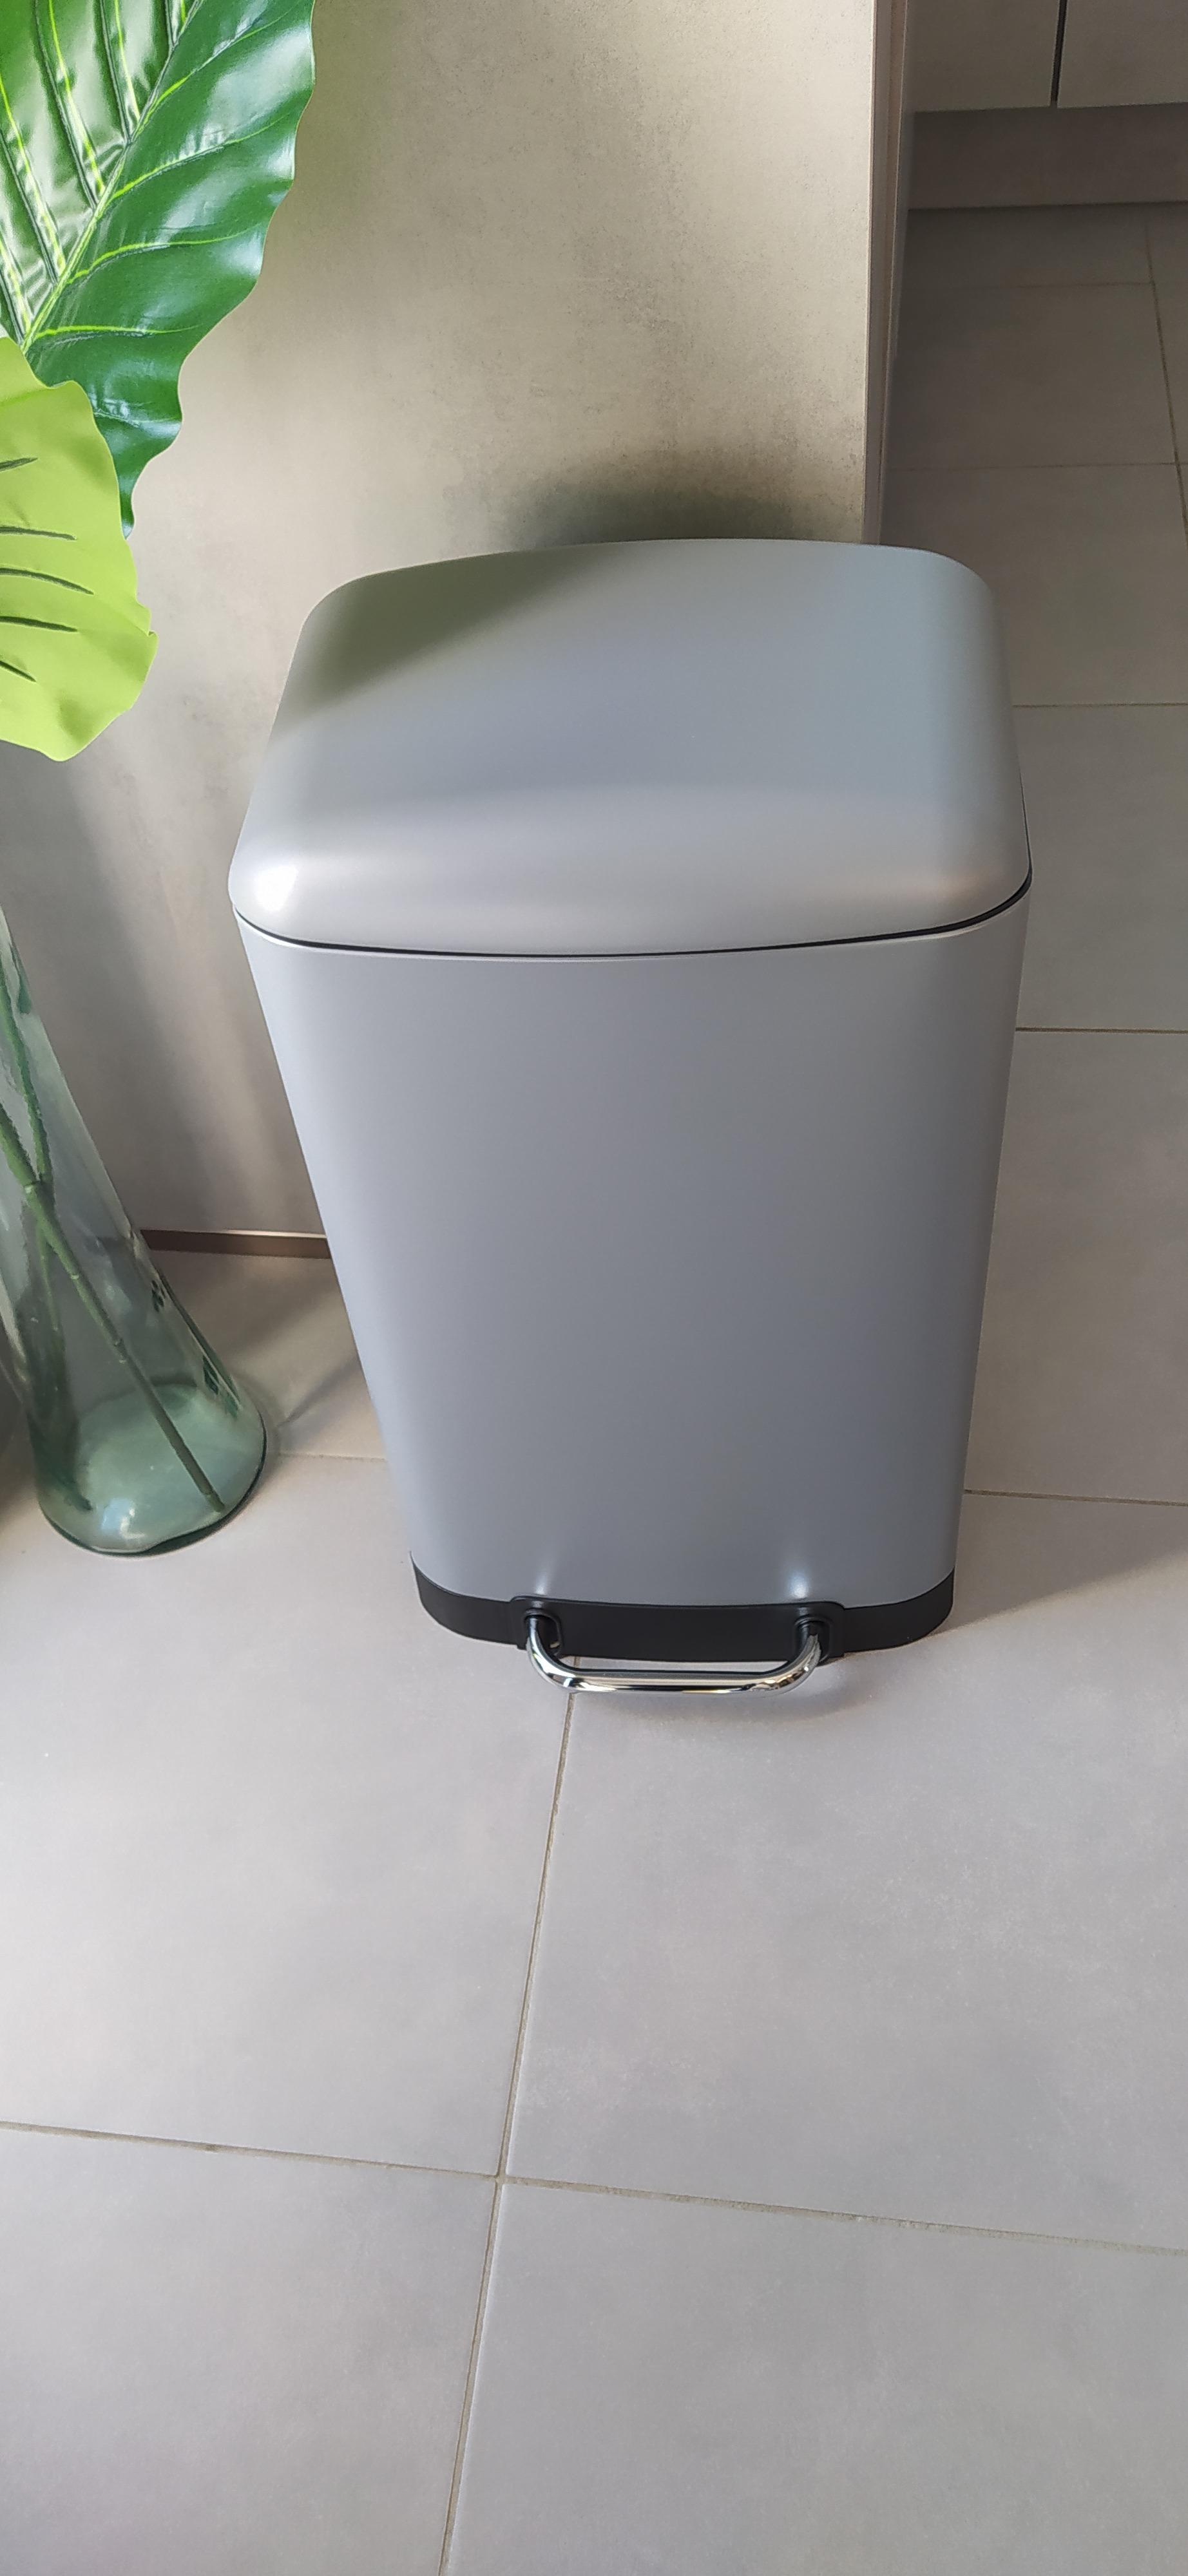 J'ai testé pour vous poubelle Ariane 30L